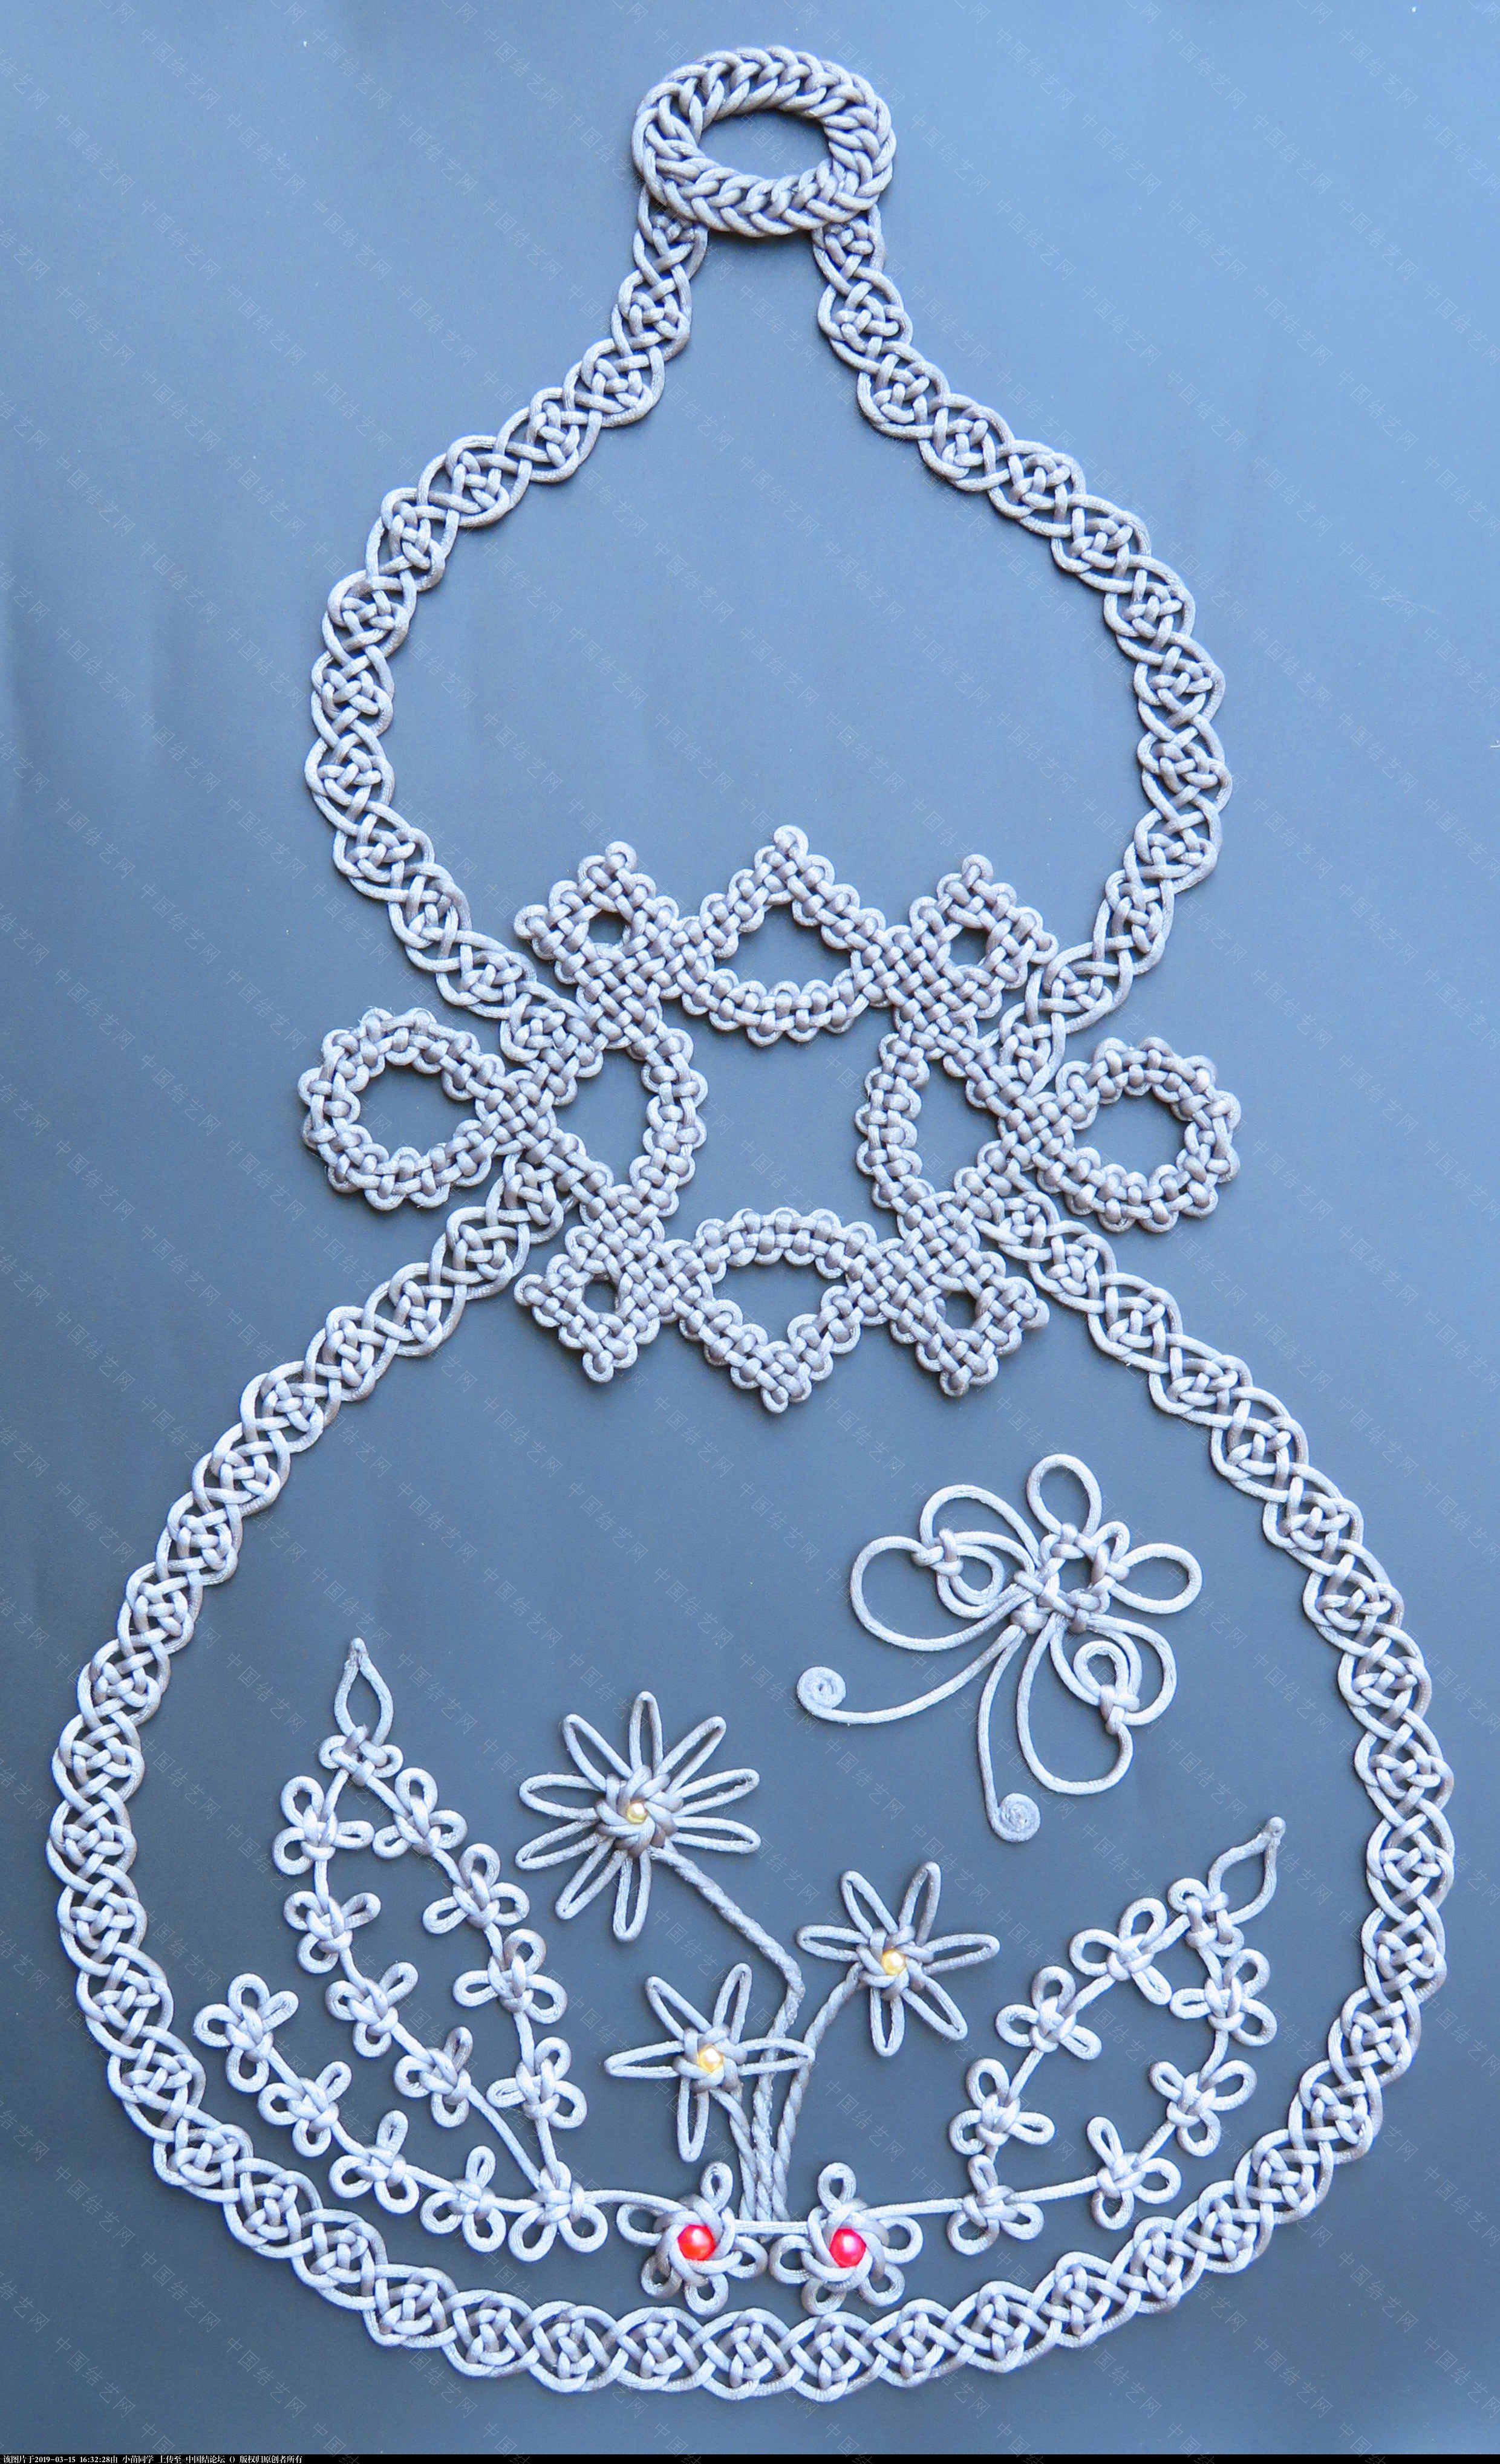 中国结论坛 模仿几何中国结里的葫芦  作品展示 163155d7dessjeriadss77